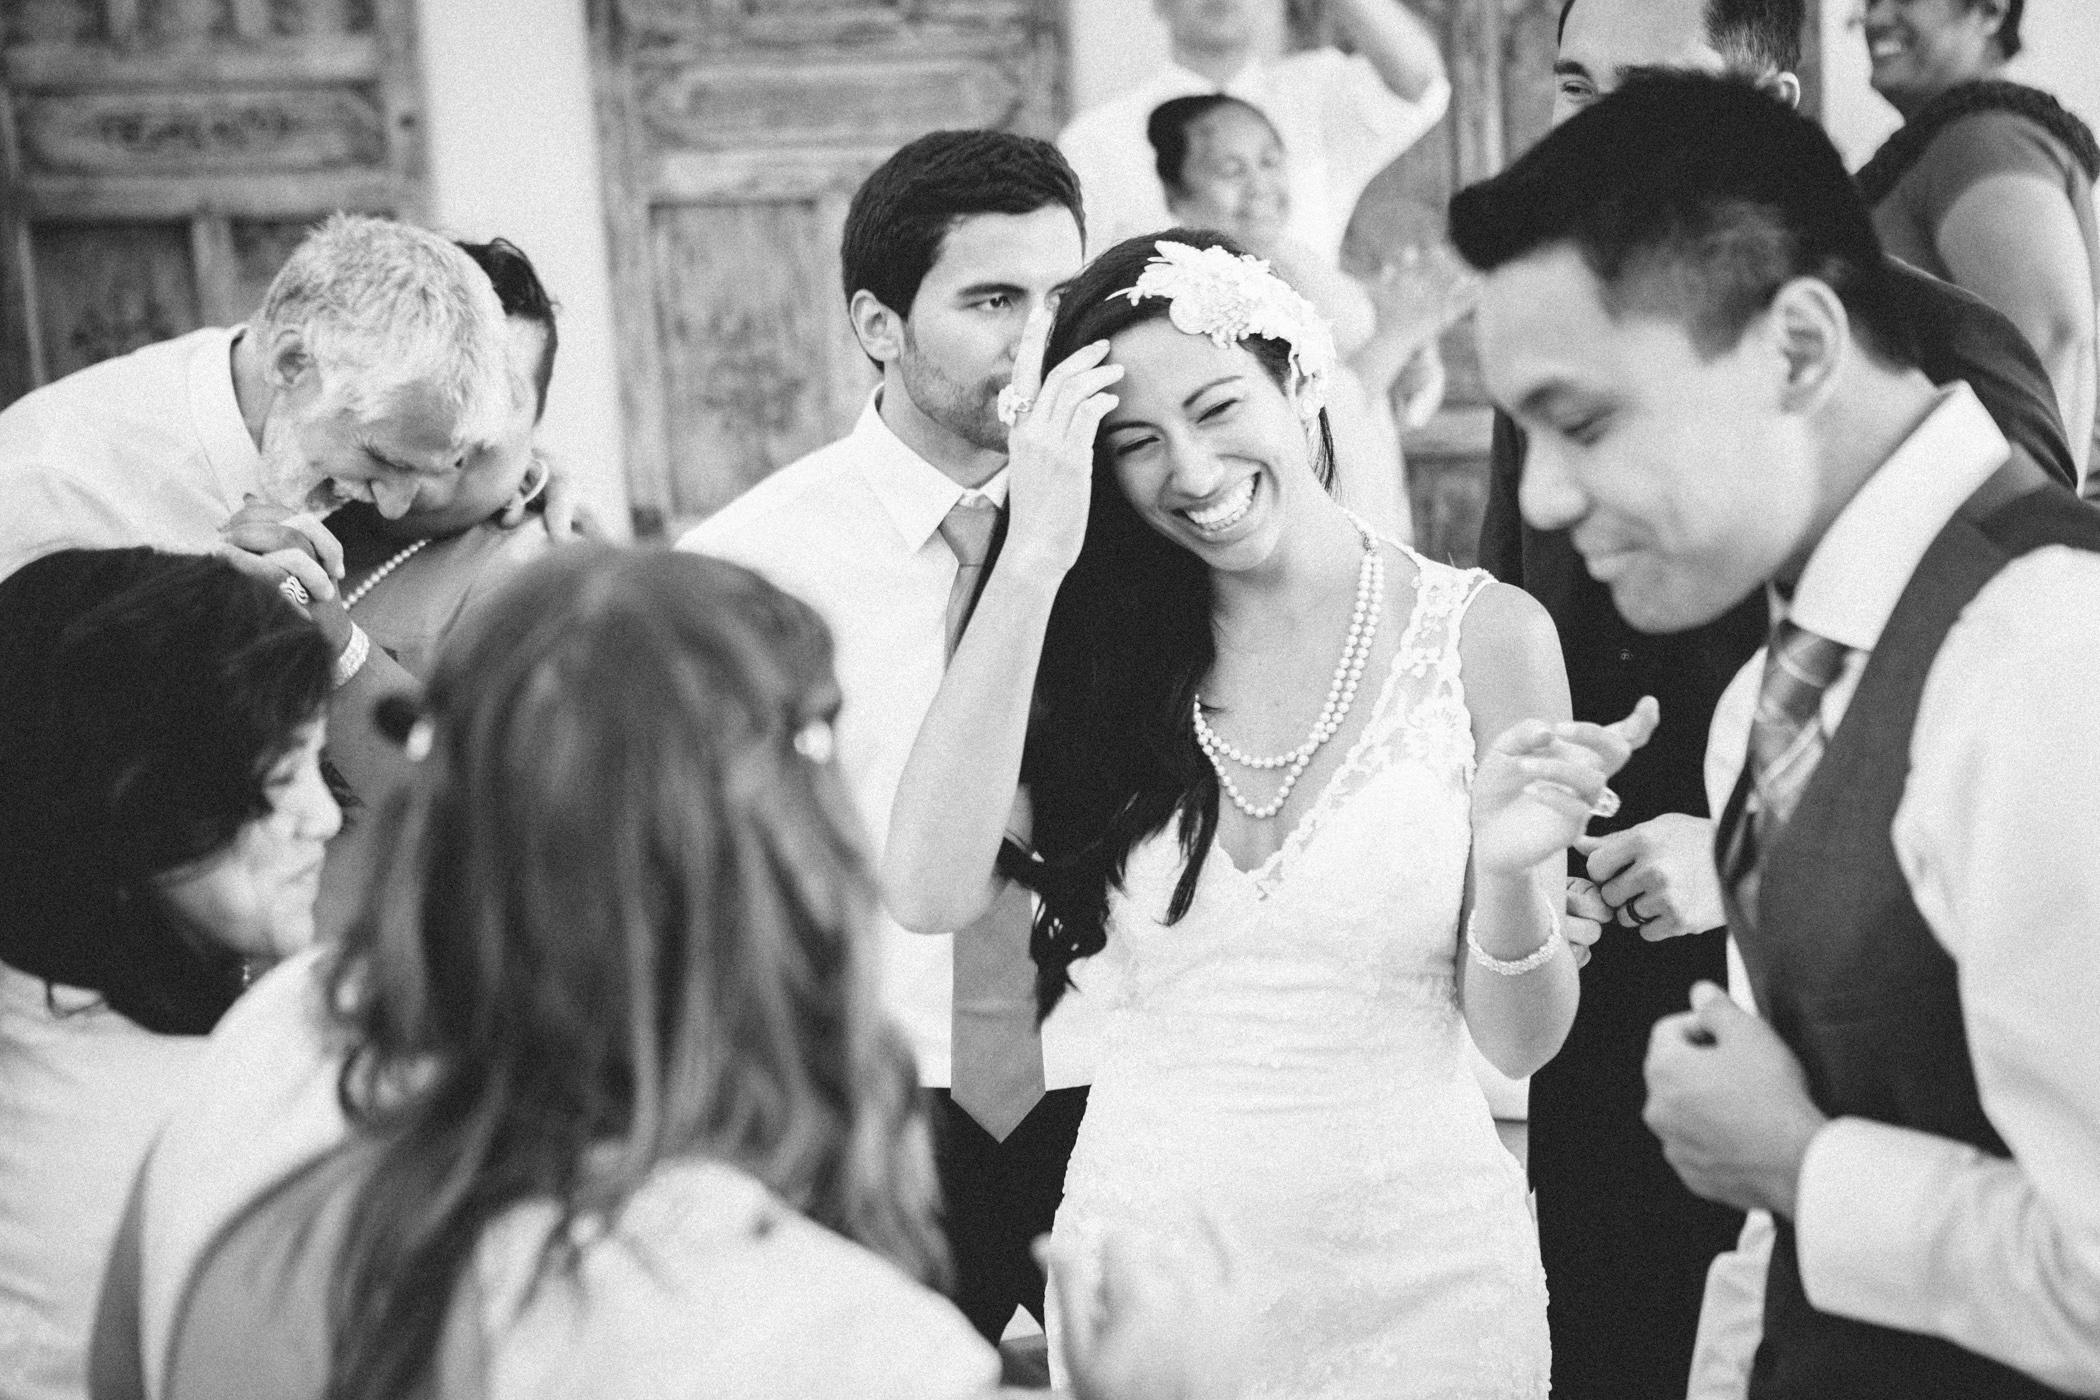 Australia-Bride-Dancing-Laughing.jpg